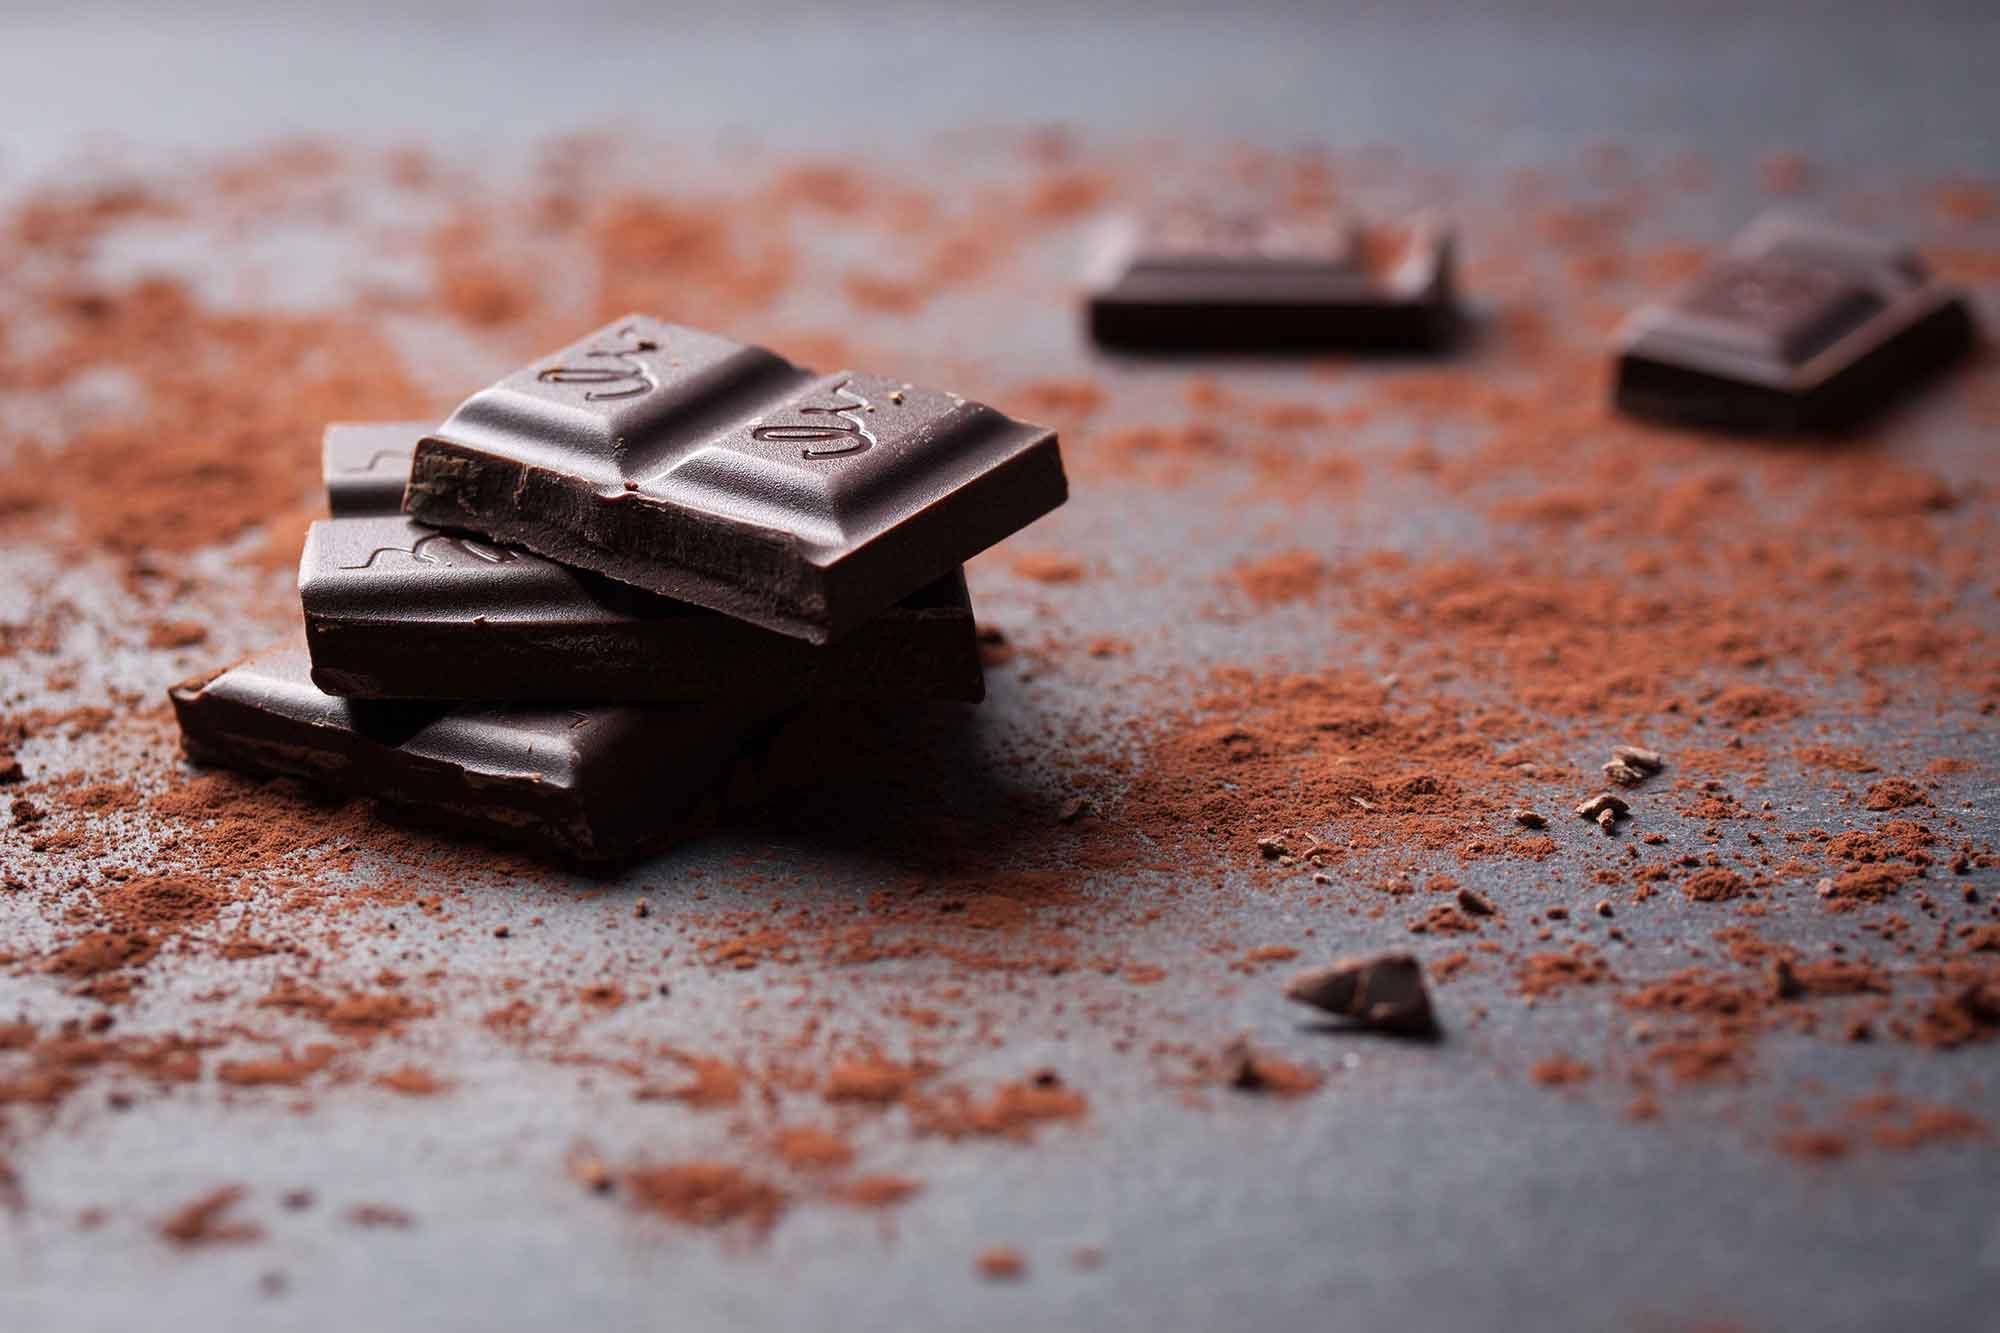 percorso rituale sontuoso al cioccolato